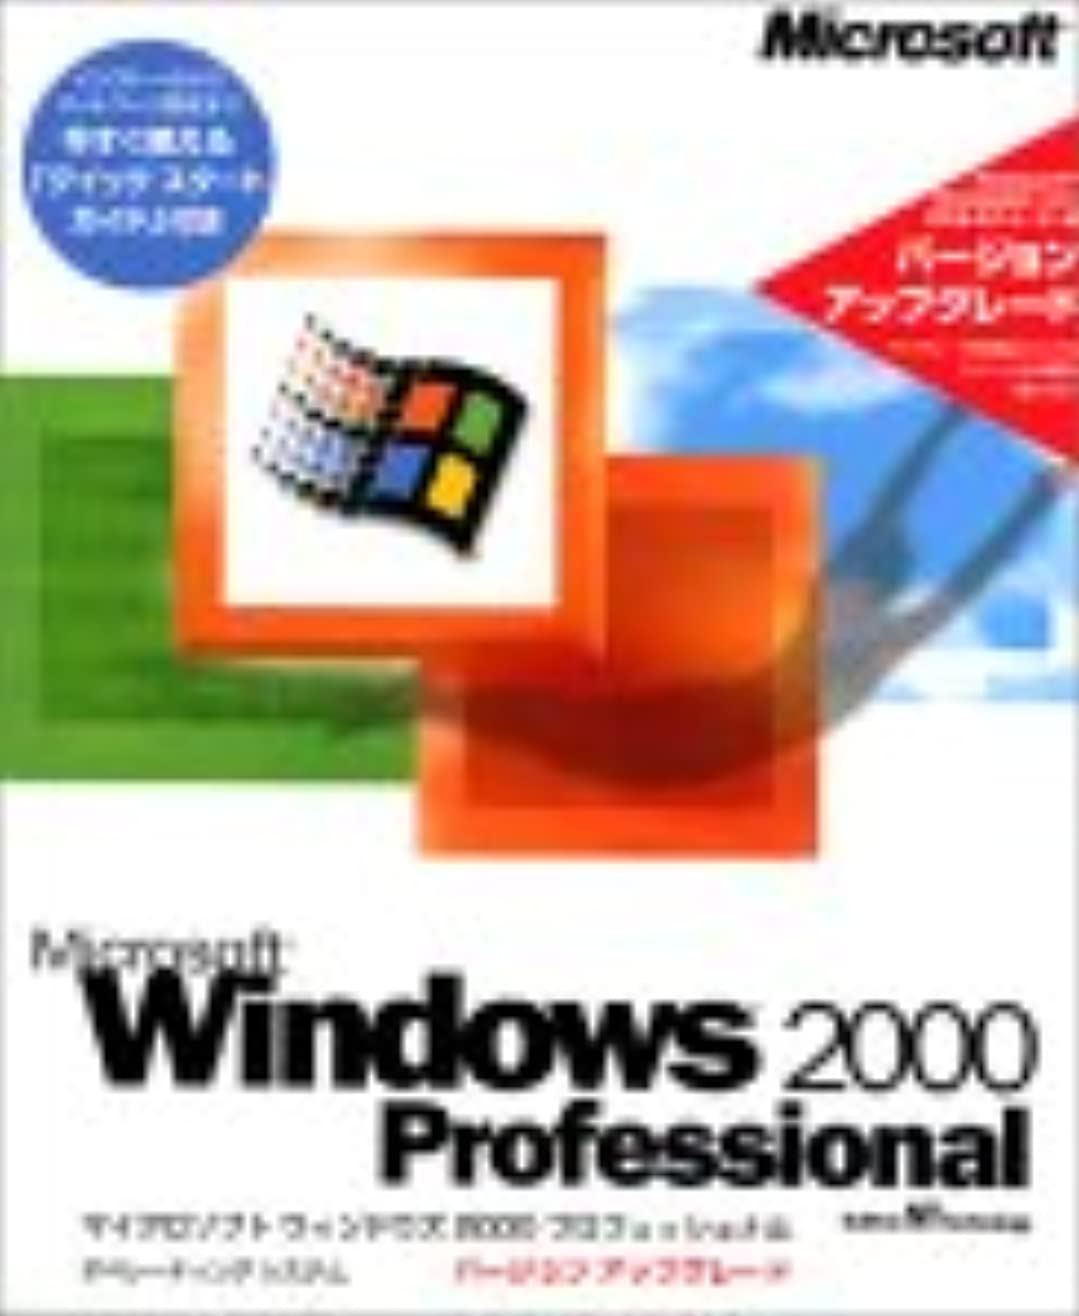 予備責任者定常【旧商品】Microsoft Windows 2000 Professional バージョンアップグレード Service Pack 3